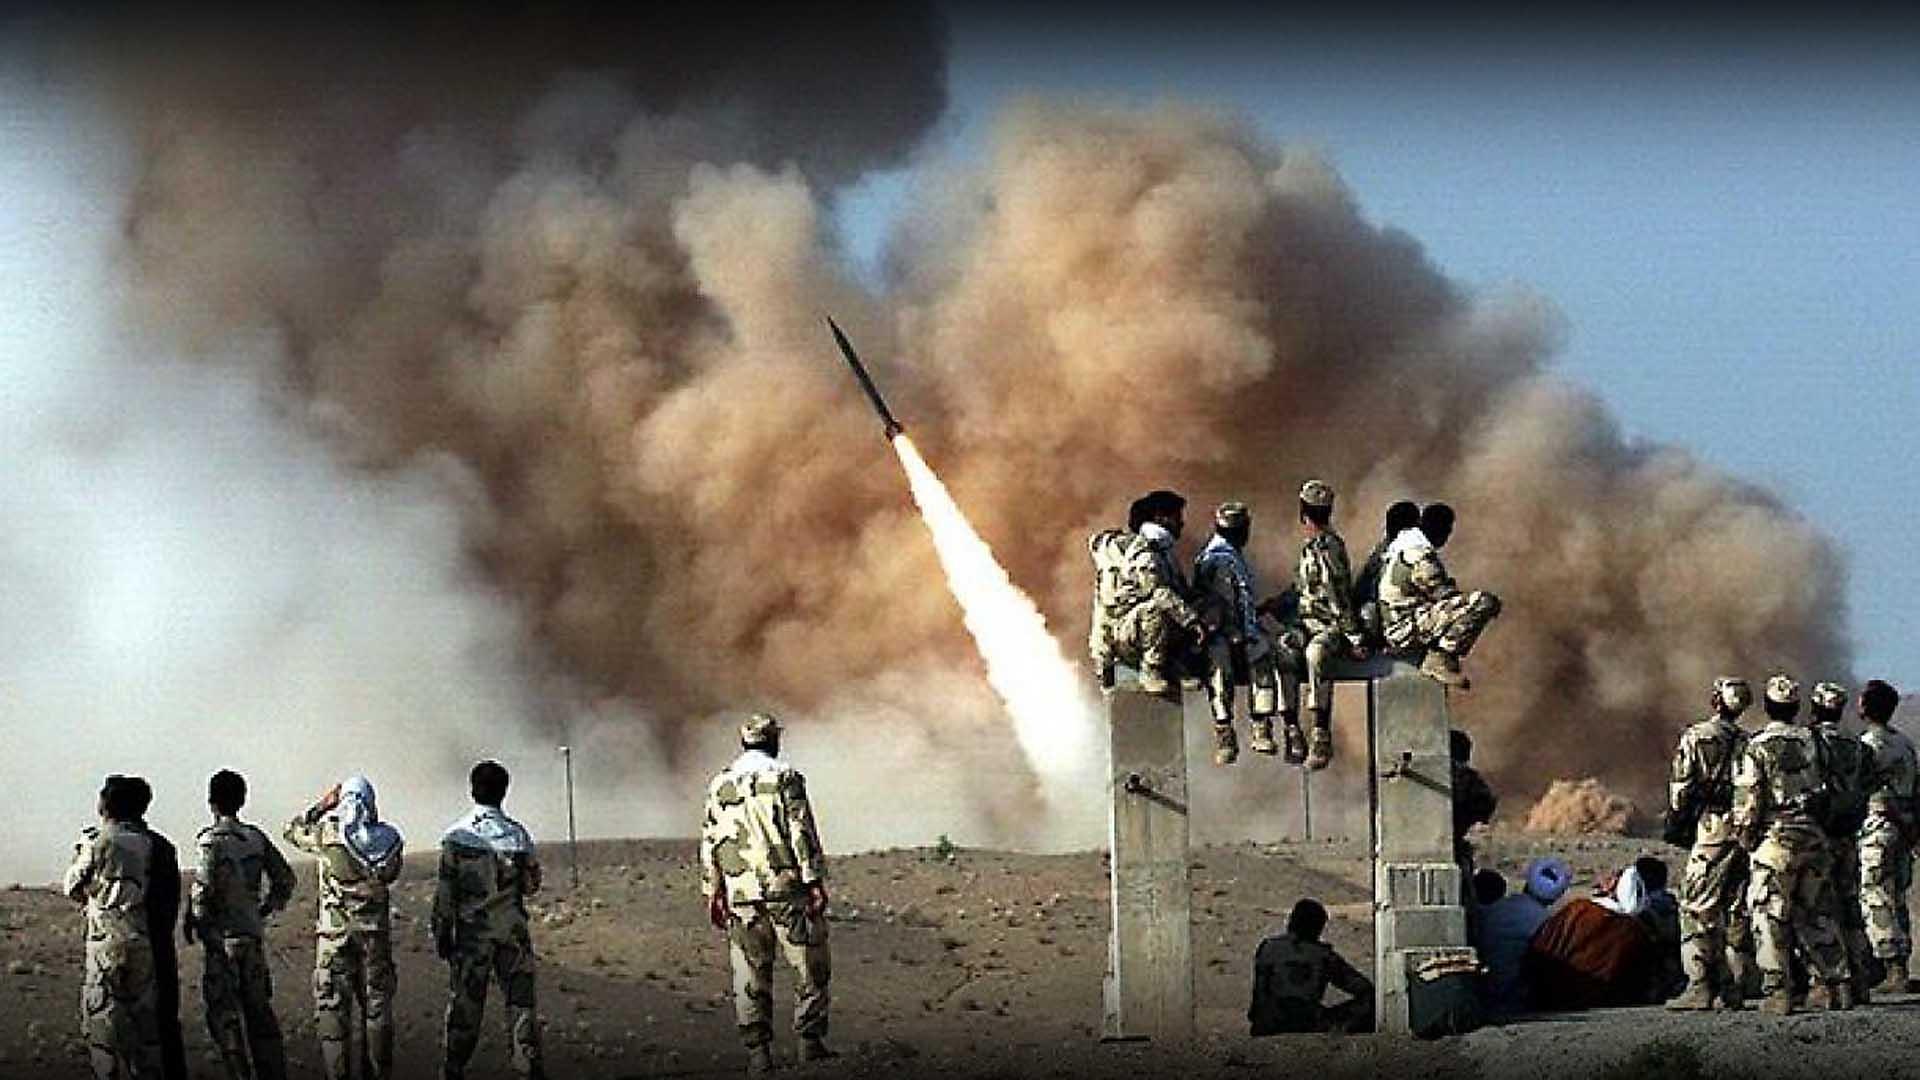 القواعد العسكرية الإيرانية وبدايات تدخلها الأمني والعسكري في سورية